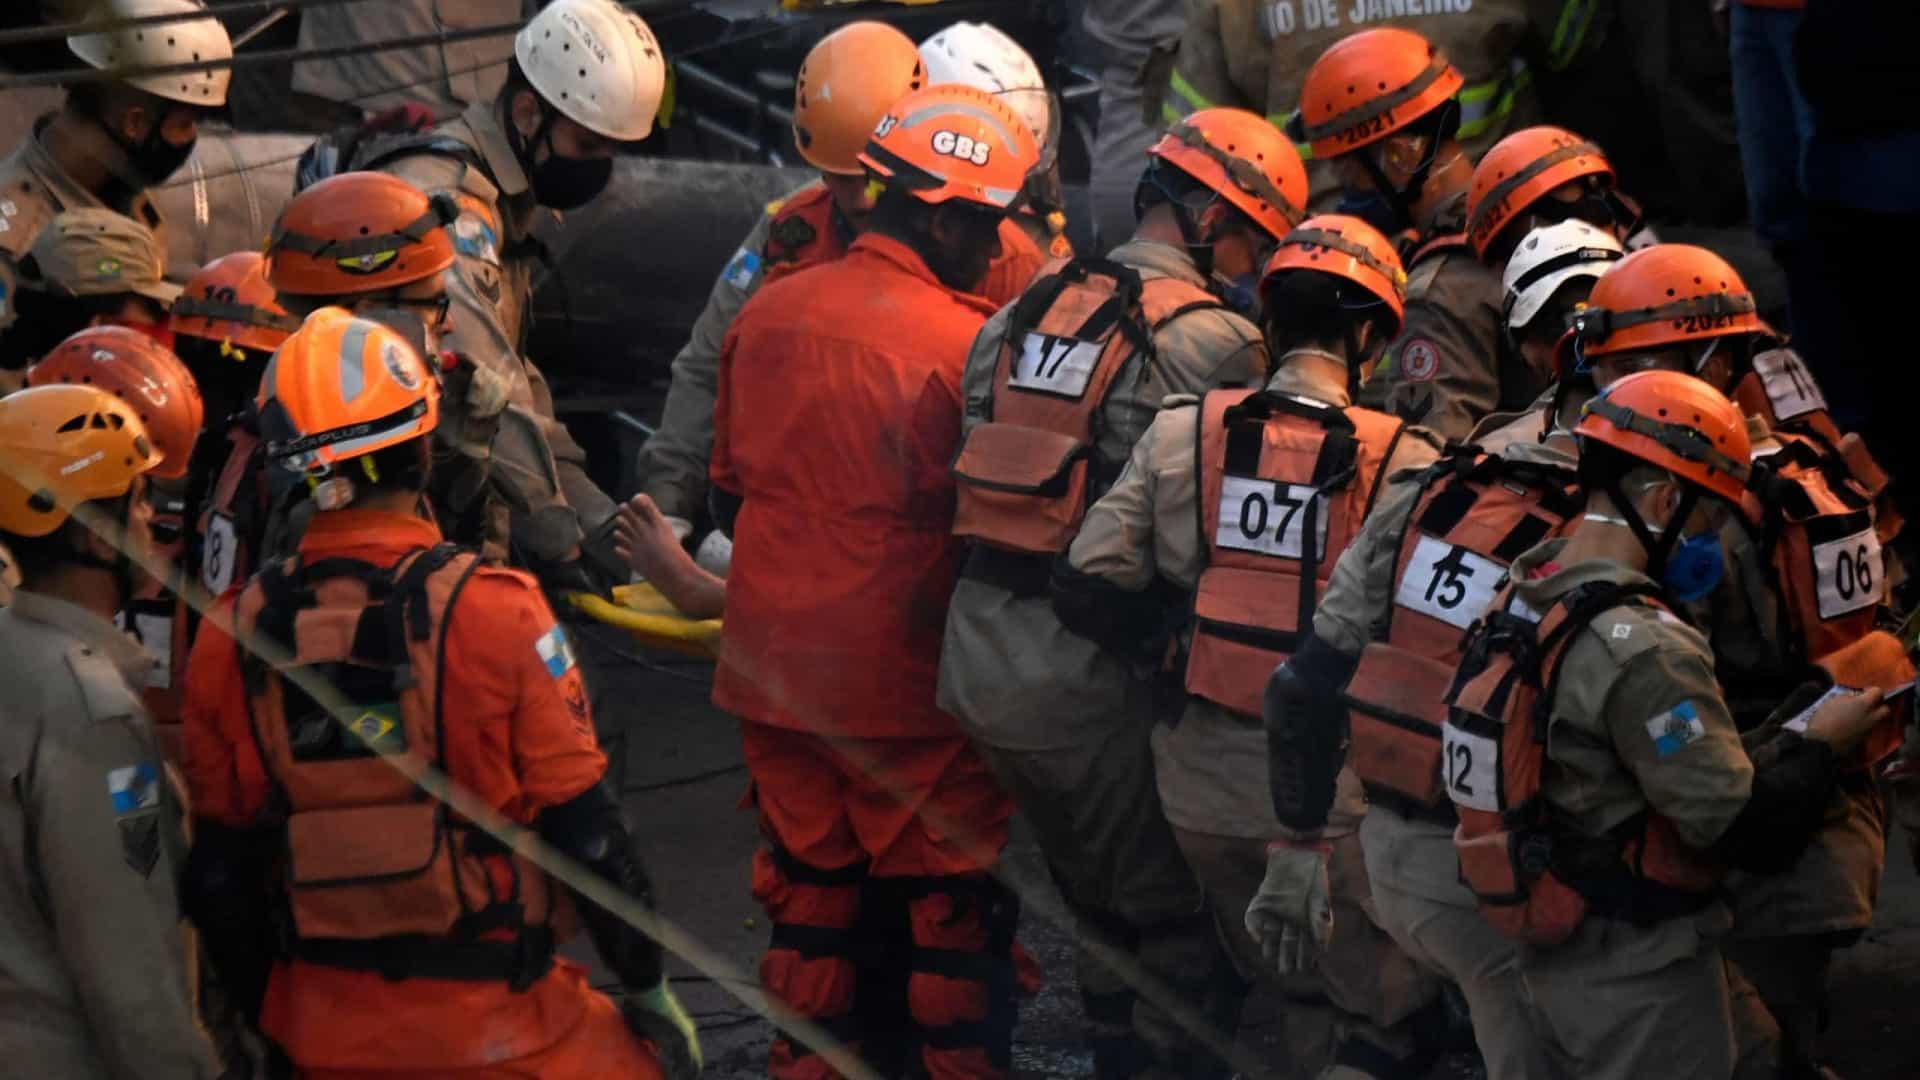 naom 60b8e2fa63c83 - Bombeiros resgatam mulher sob escombros de prédio que desabou